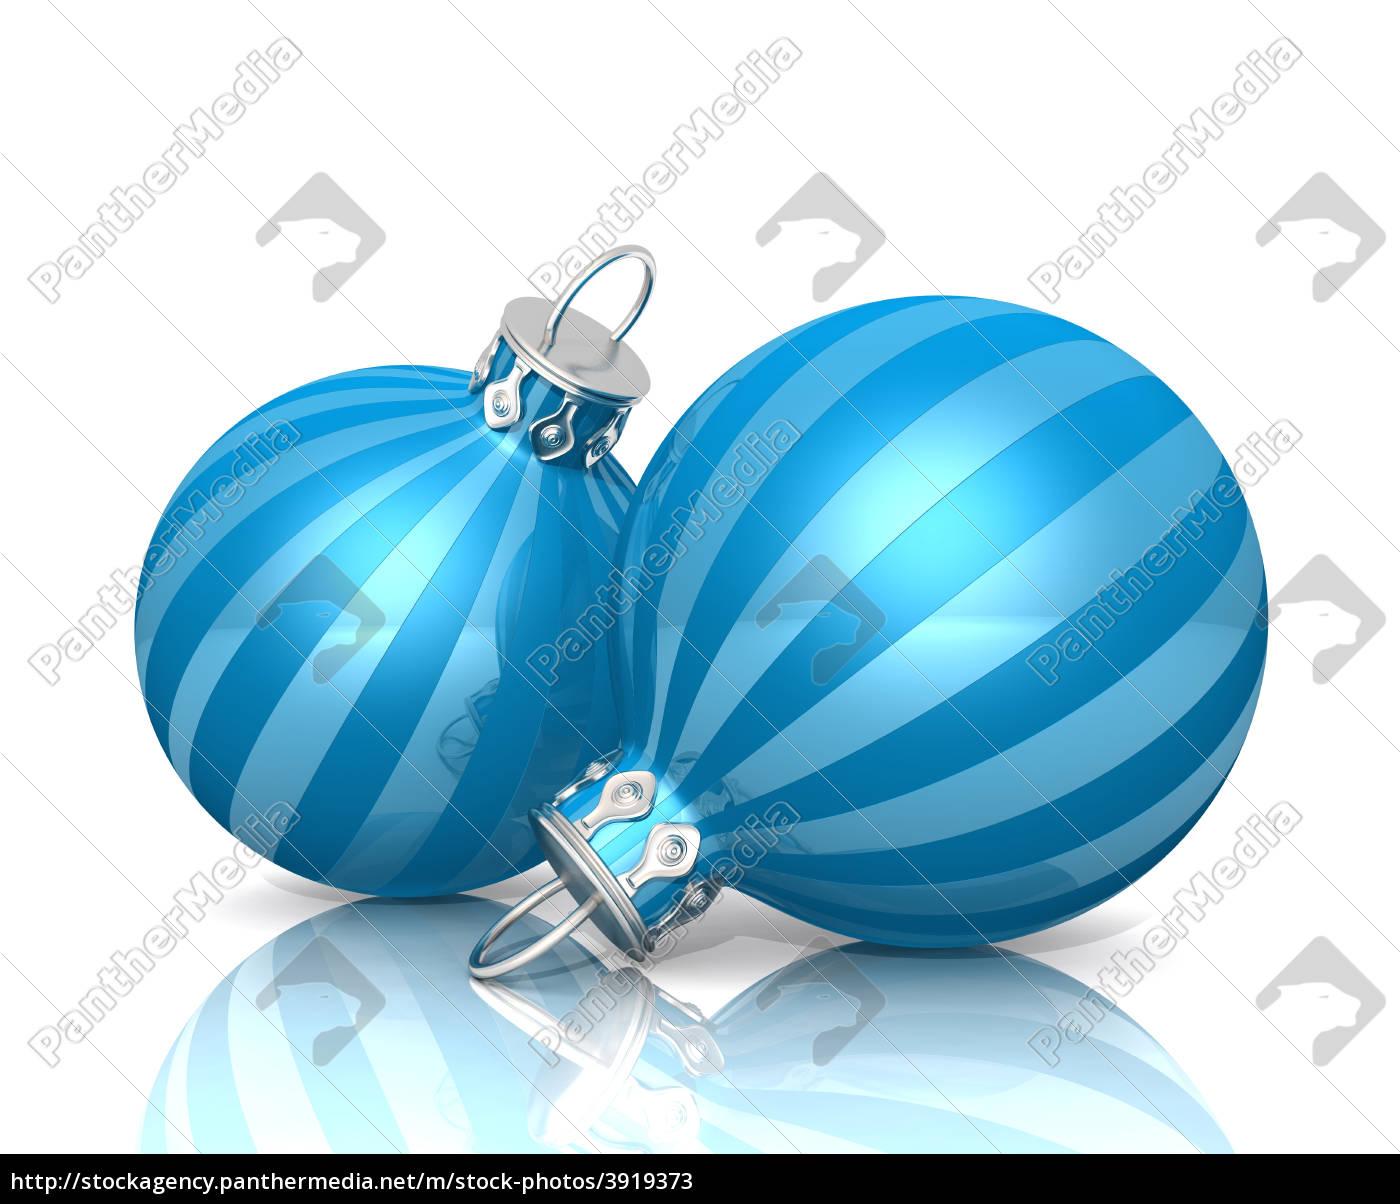 Weihnachtskugeln Blau.Lizenzfreies Bild 3919373 Weihnachtskugeln Blau Gestreift 01